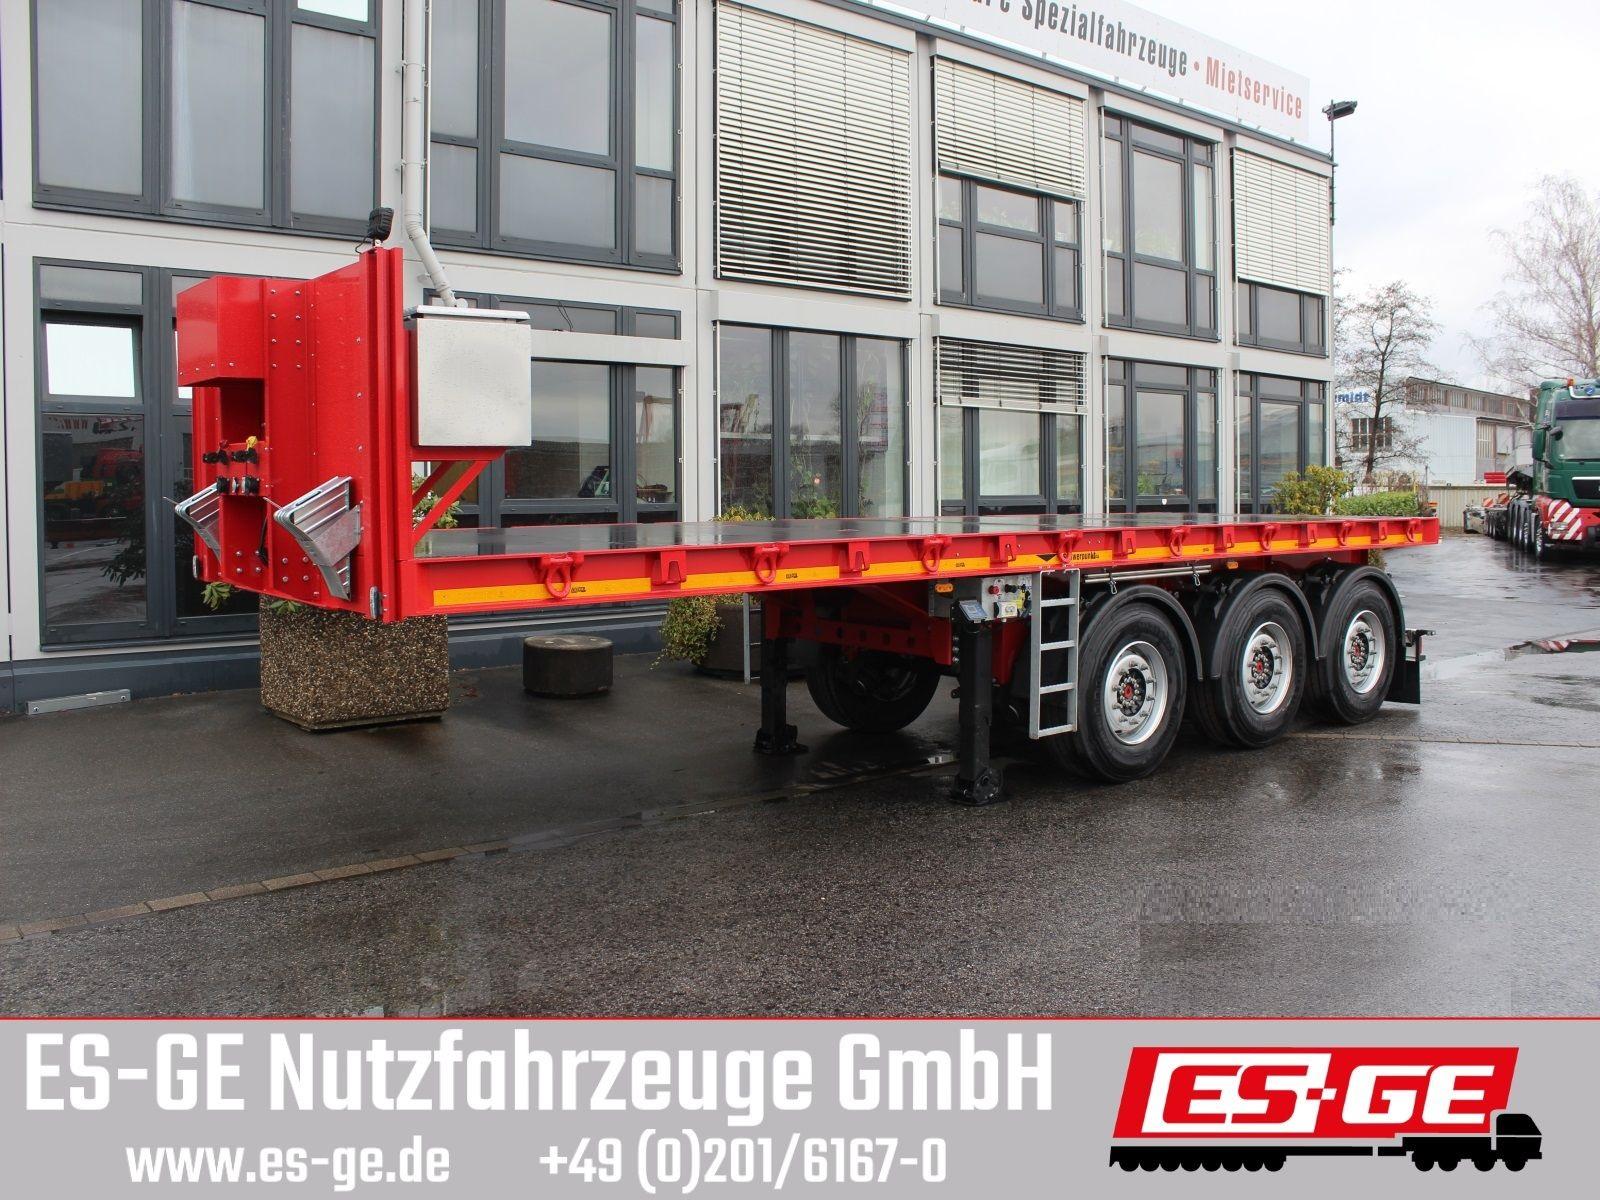 ES-GE 3-Achs-Ballastauflieger